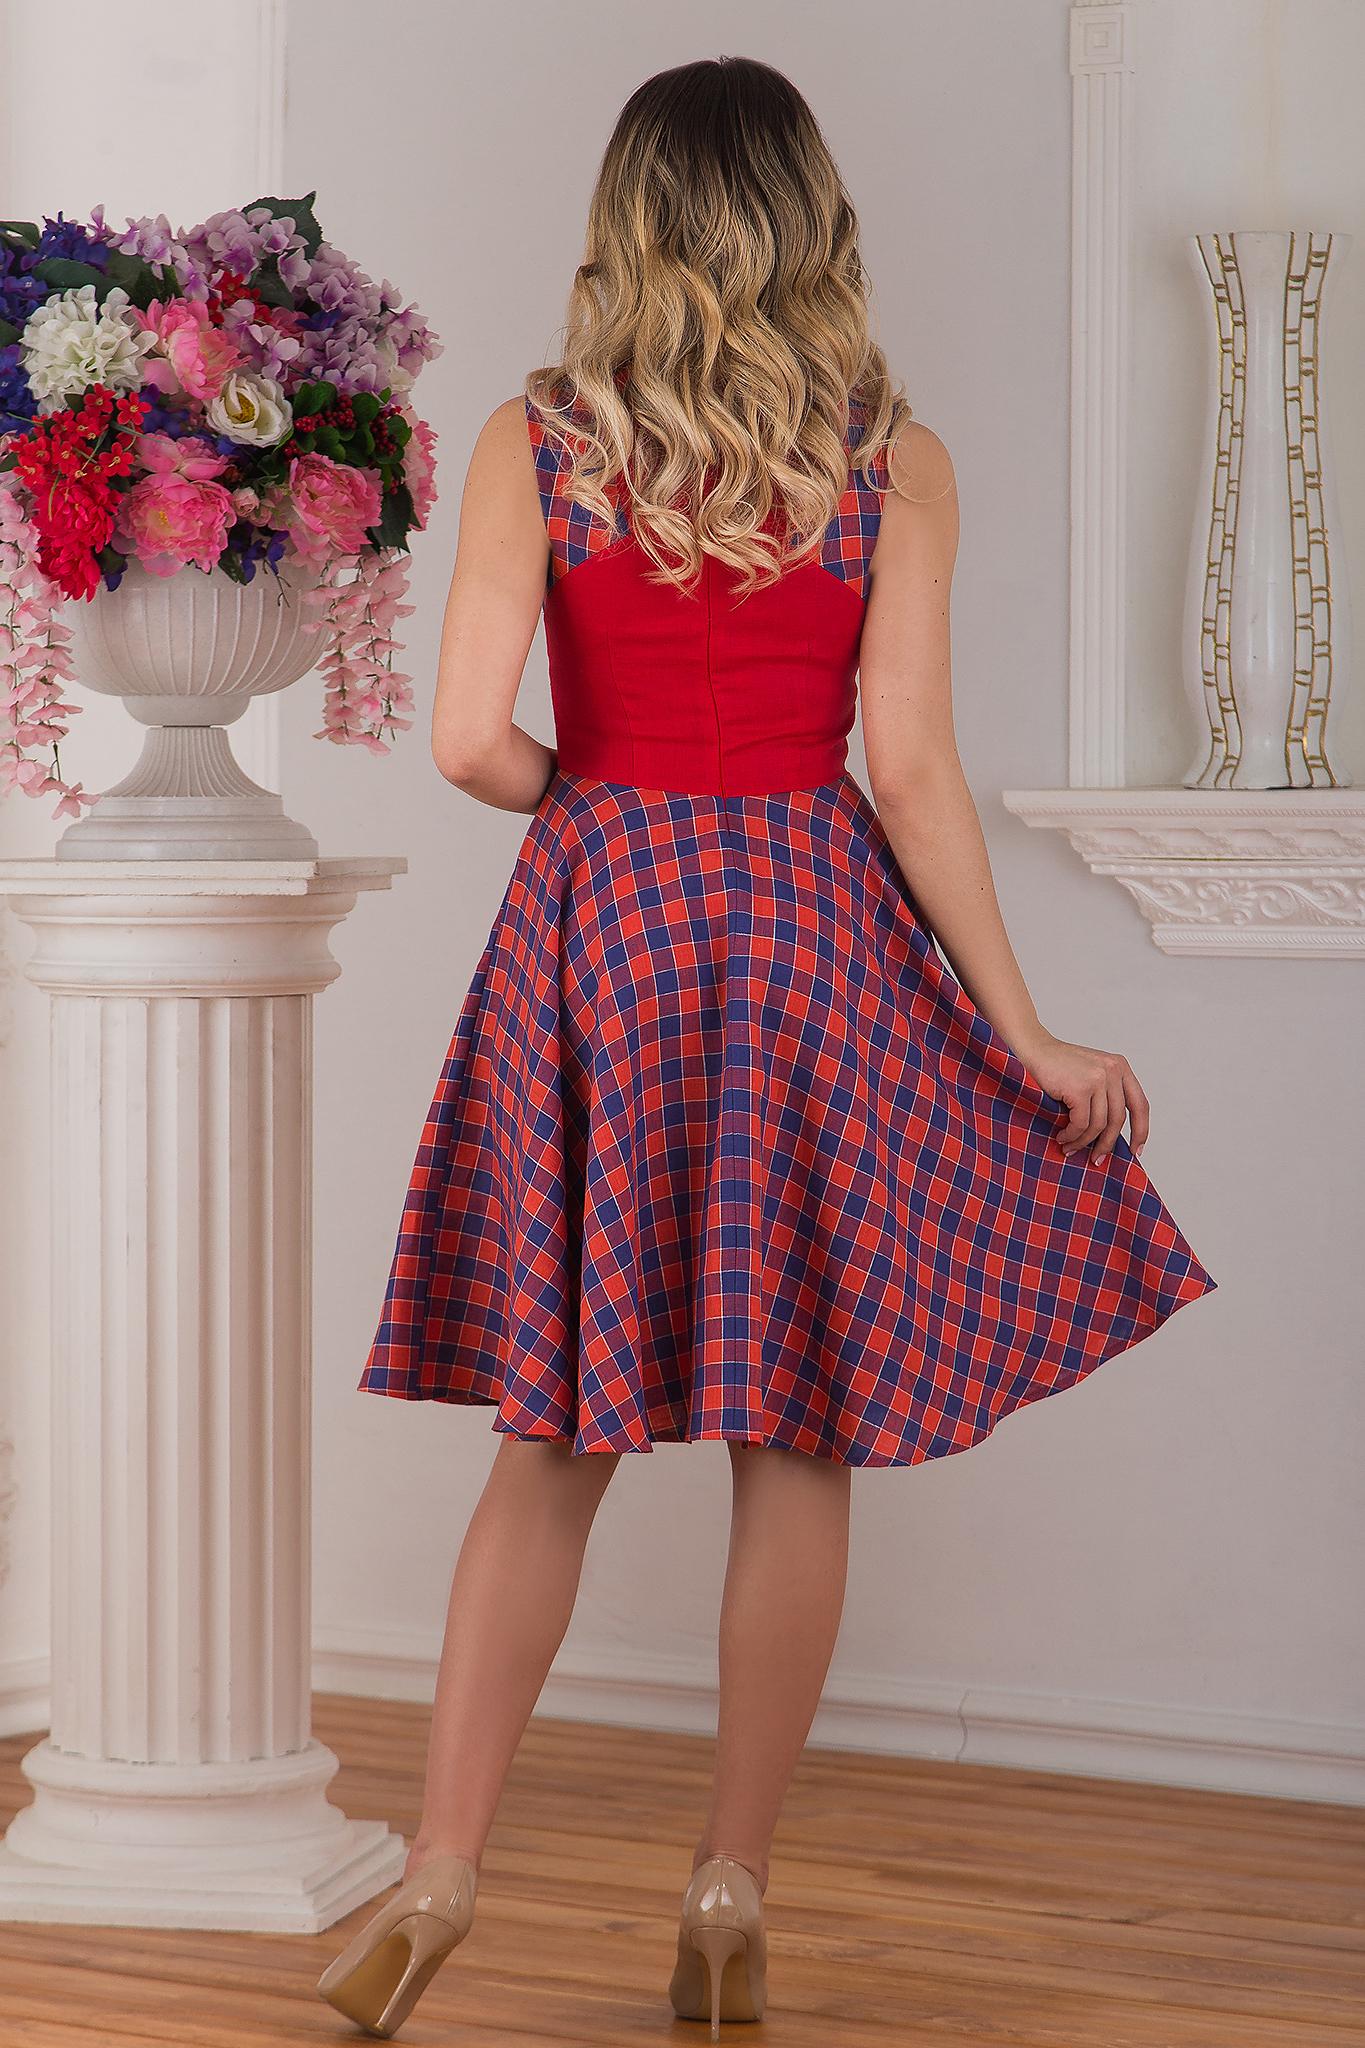 Современное льняное платье красное Раздолье от Иванка вид сзади